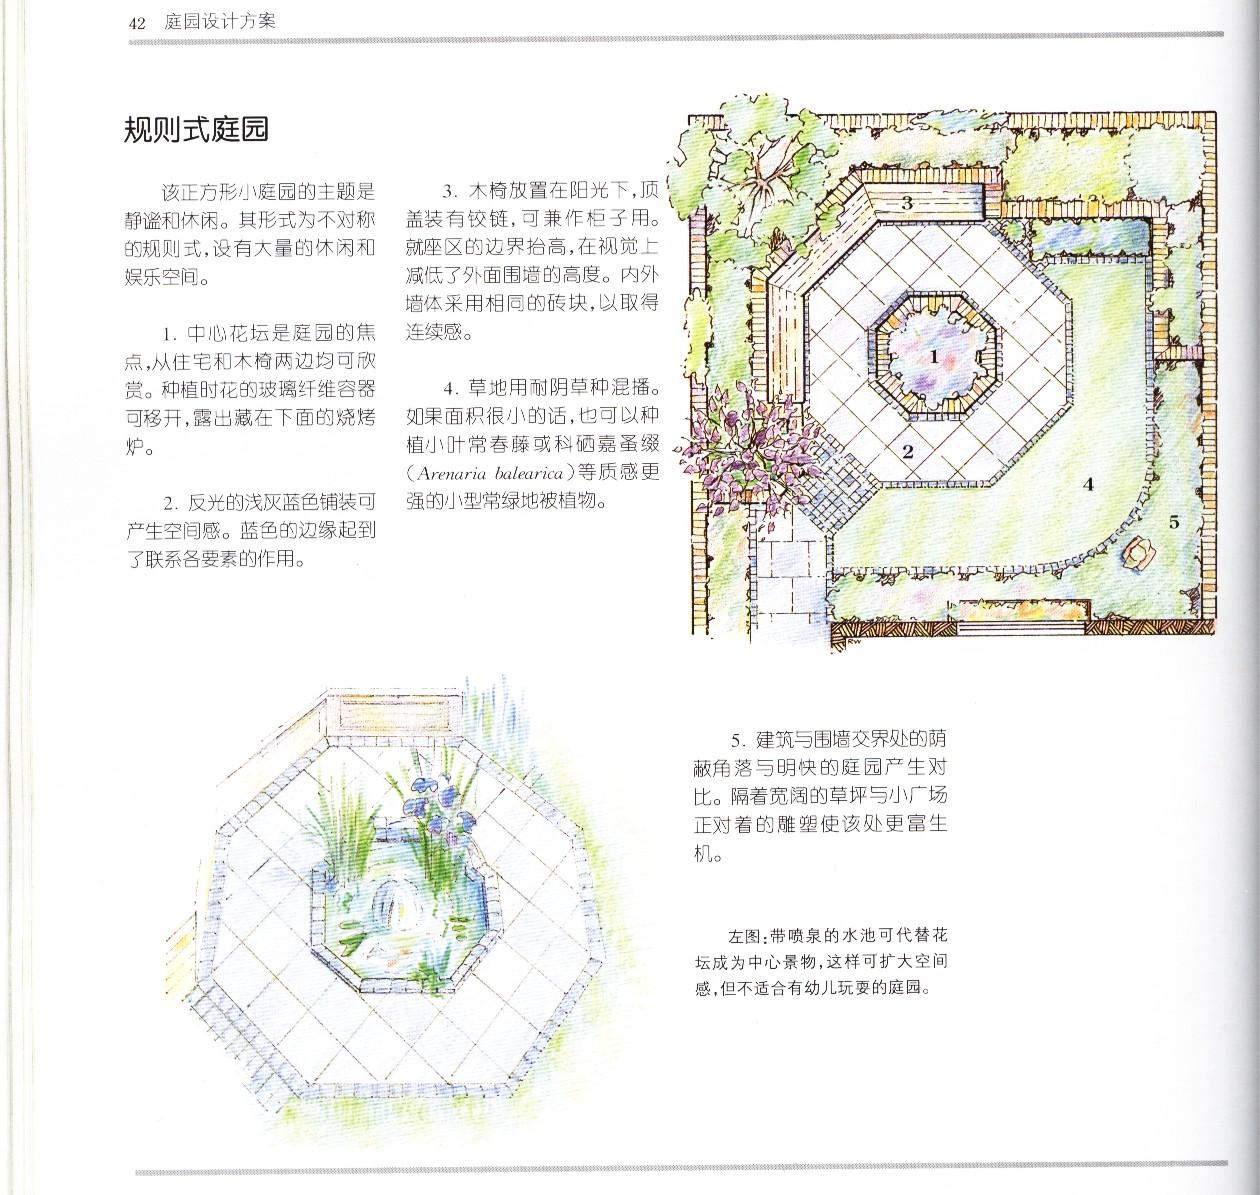 住宅庭院设计方案七,八(三角形,正方形的庭院)图片